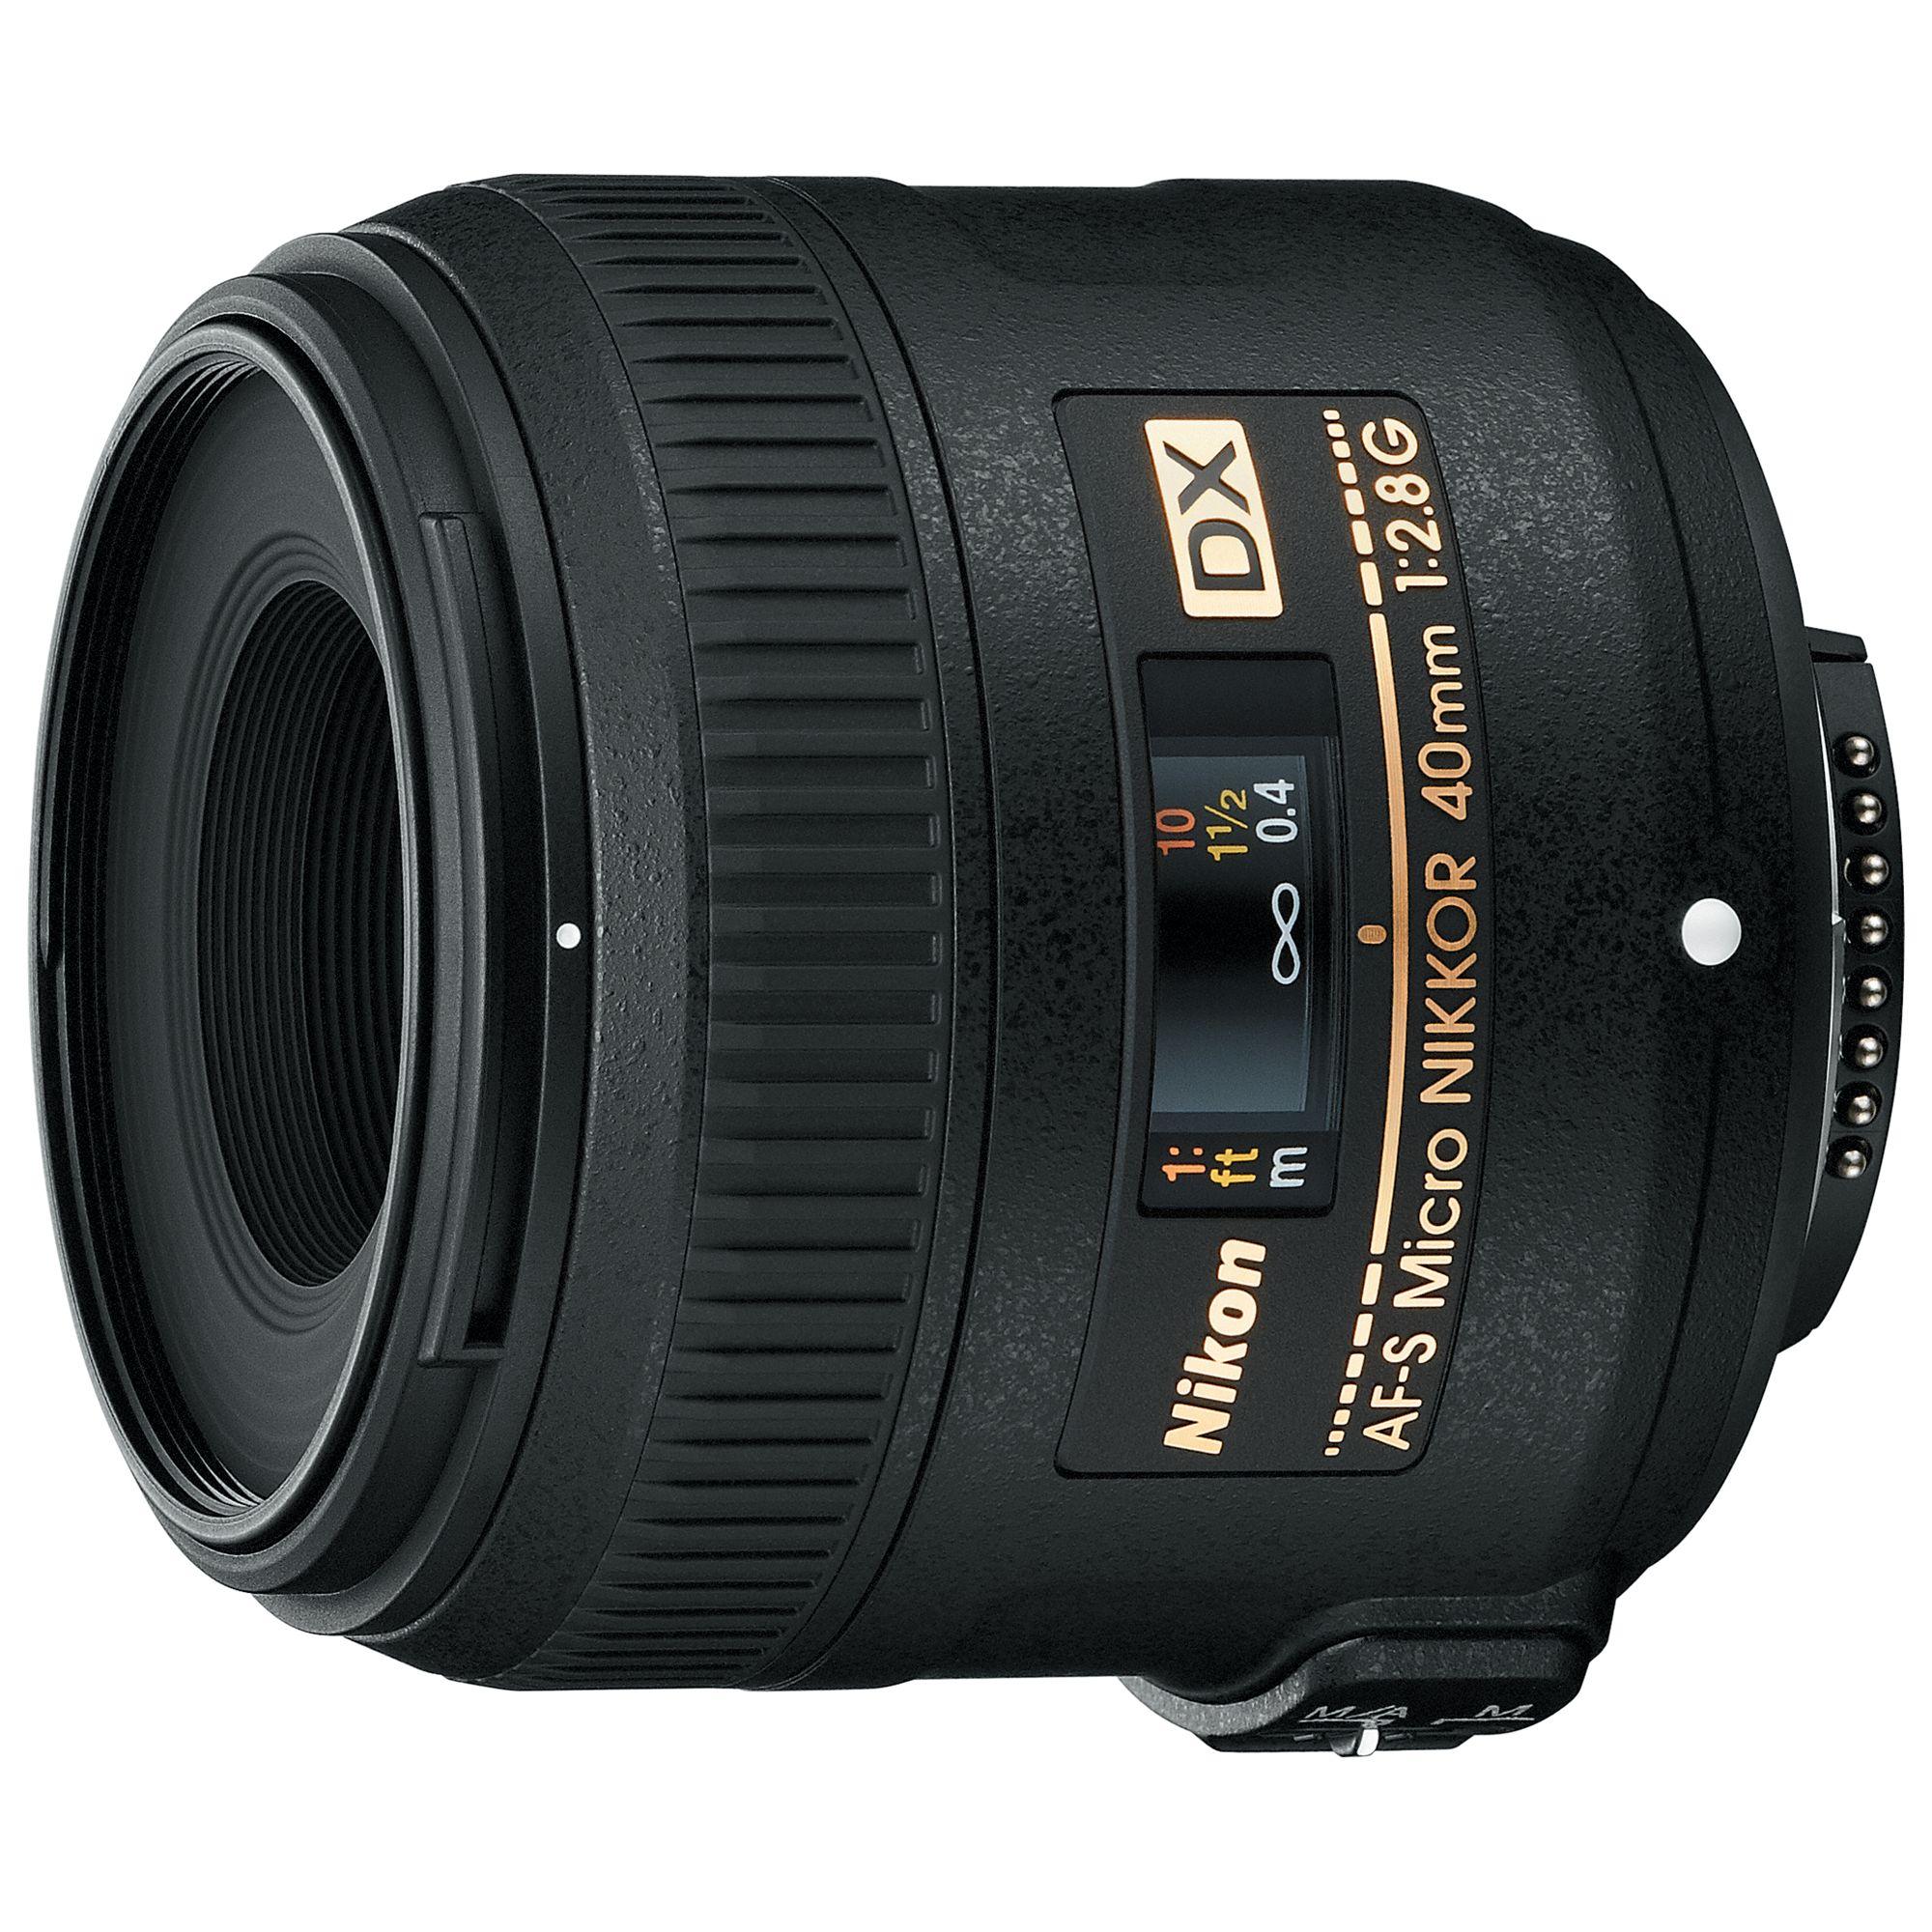 Nikon Nikon AF-S 40mm f/2.8 G DX Compact NIKKOR Lens